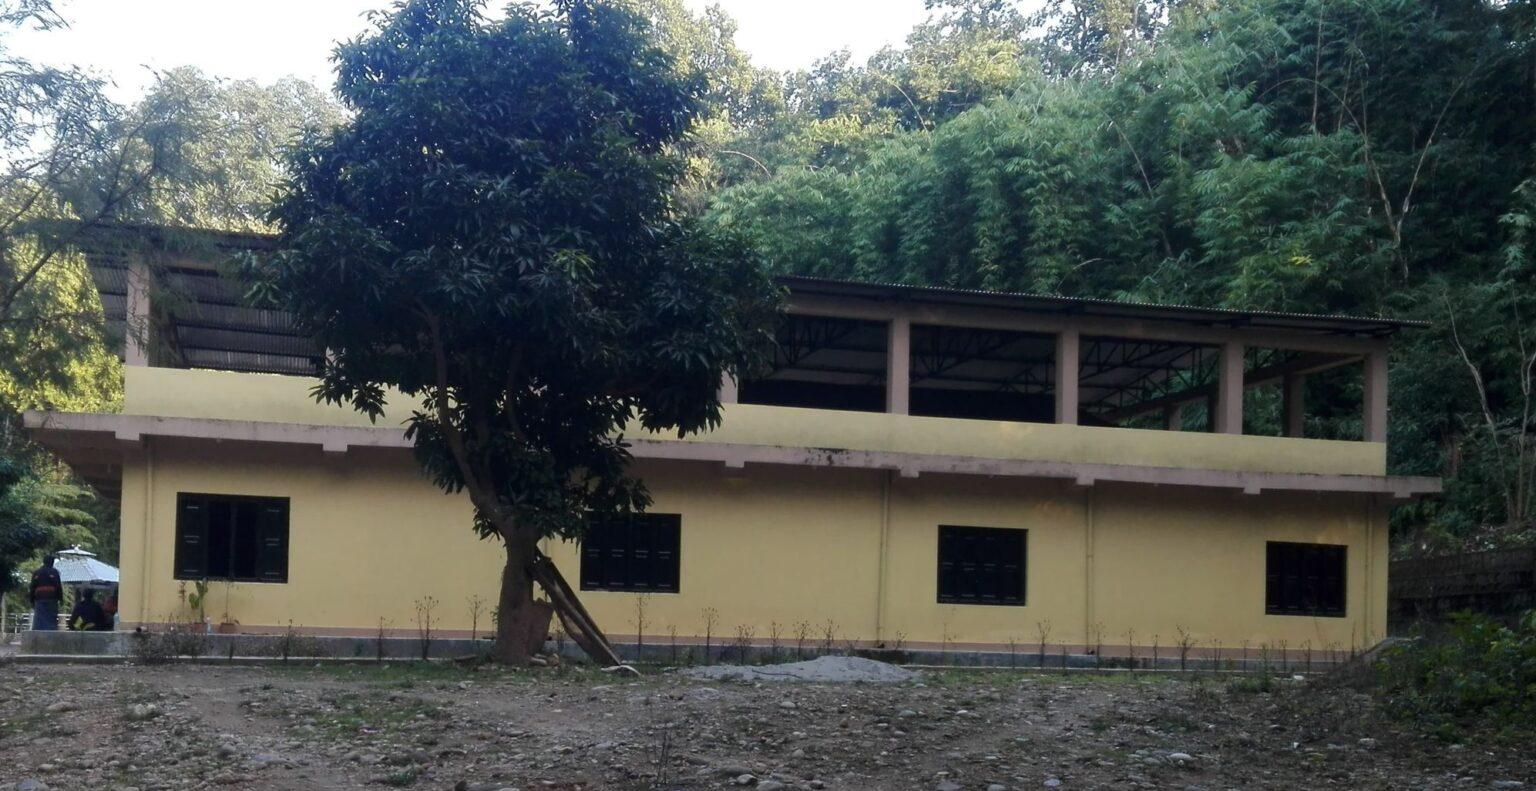 पहिचान खोज्टि बाघनाठ बाबा (जंगल कुट्टी)